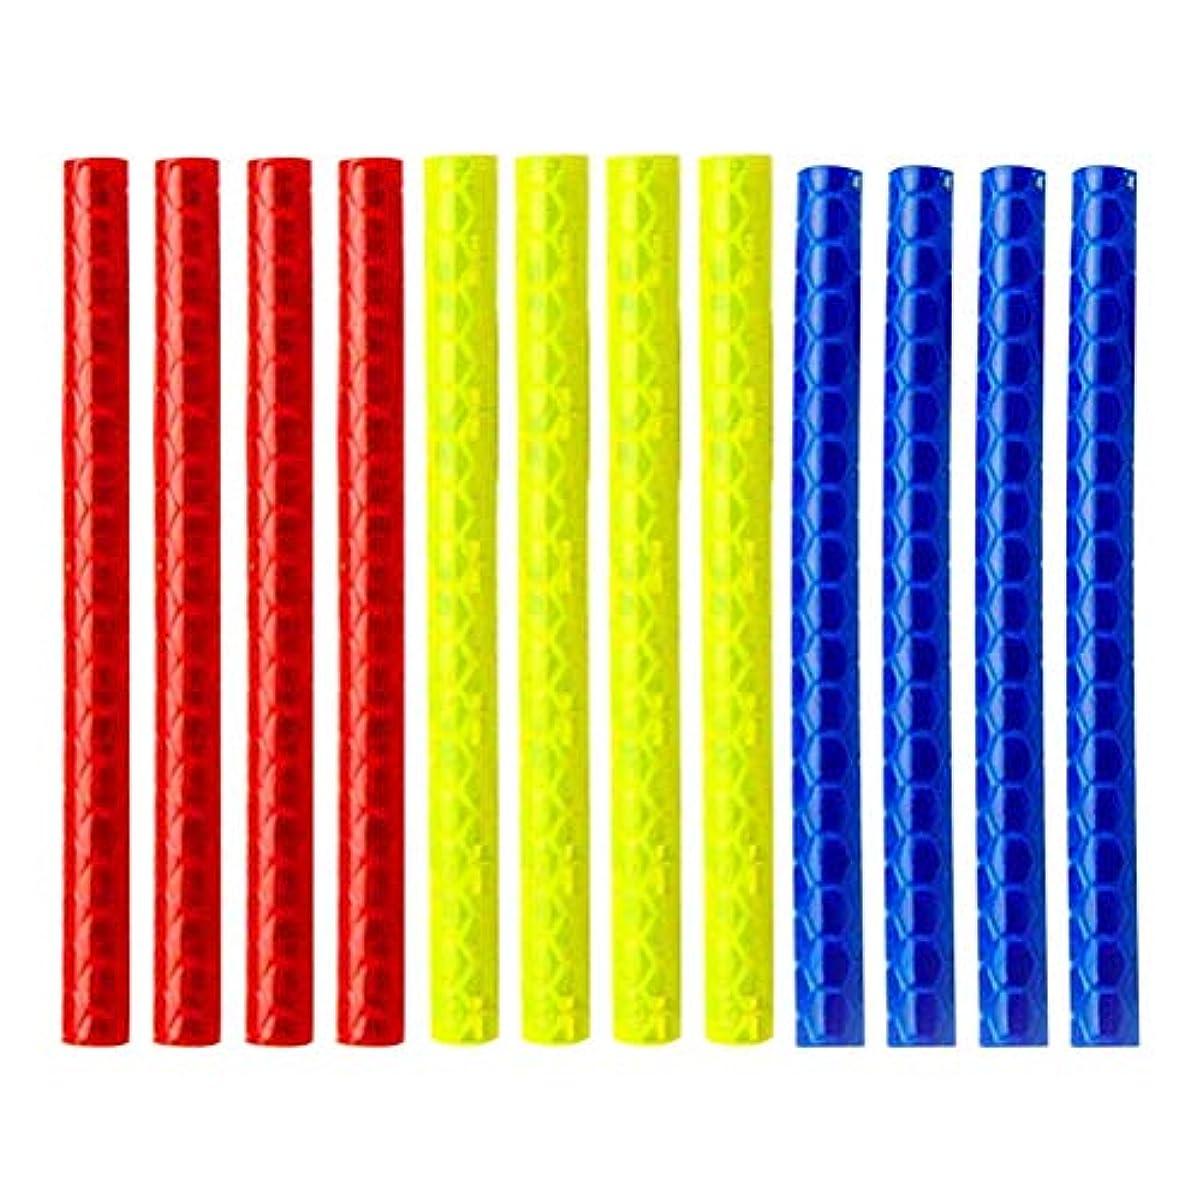 推定鷲寄生虫LIOOBO 3ピース自転車スポーク反射ストリップ自転車装飾保護自転車ステッカーライトホイール自転車ステッカー-(赤、青、黄色)